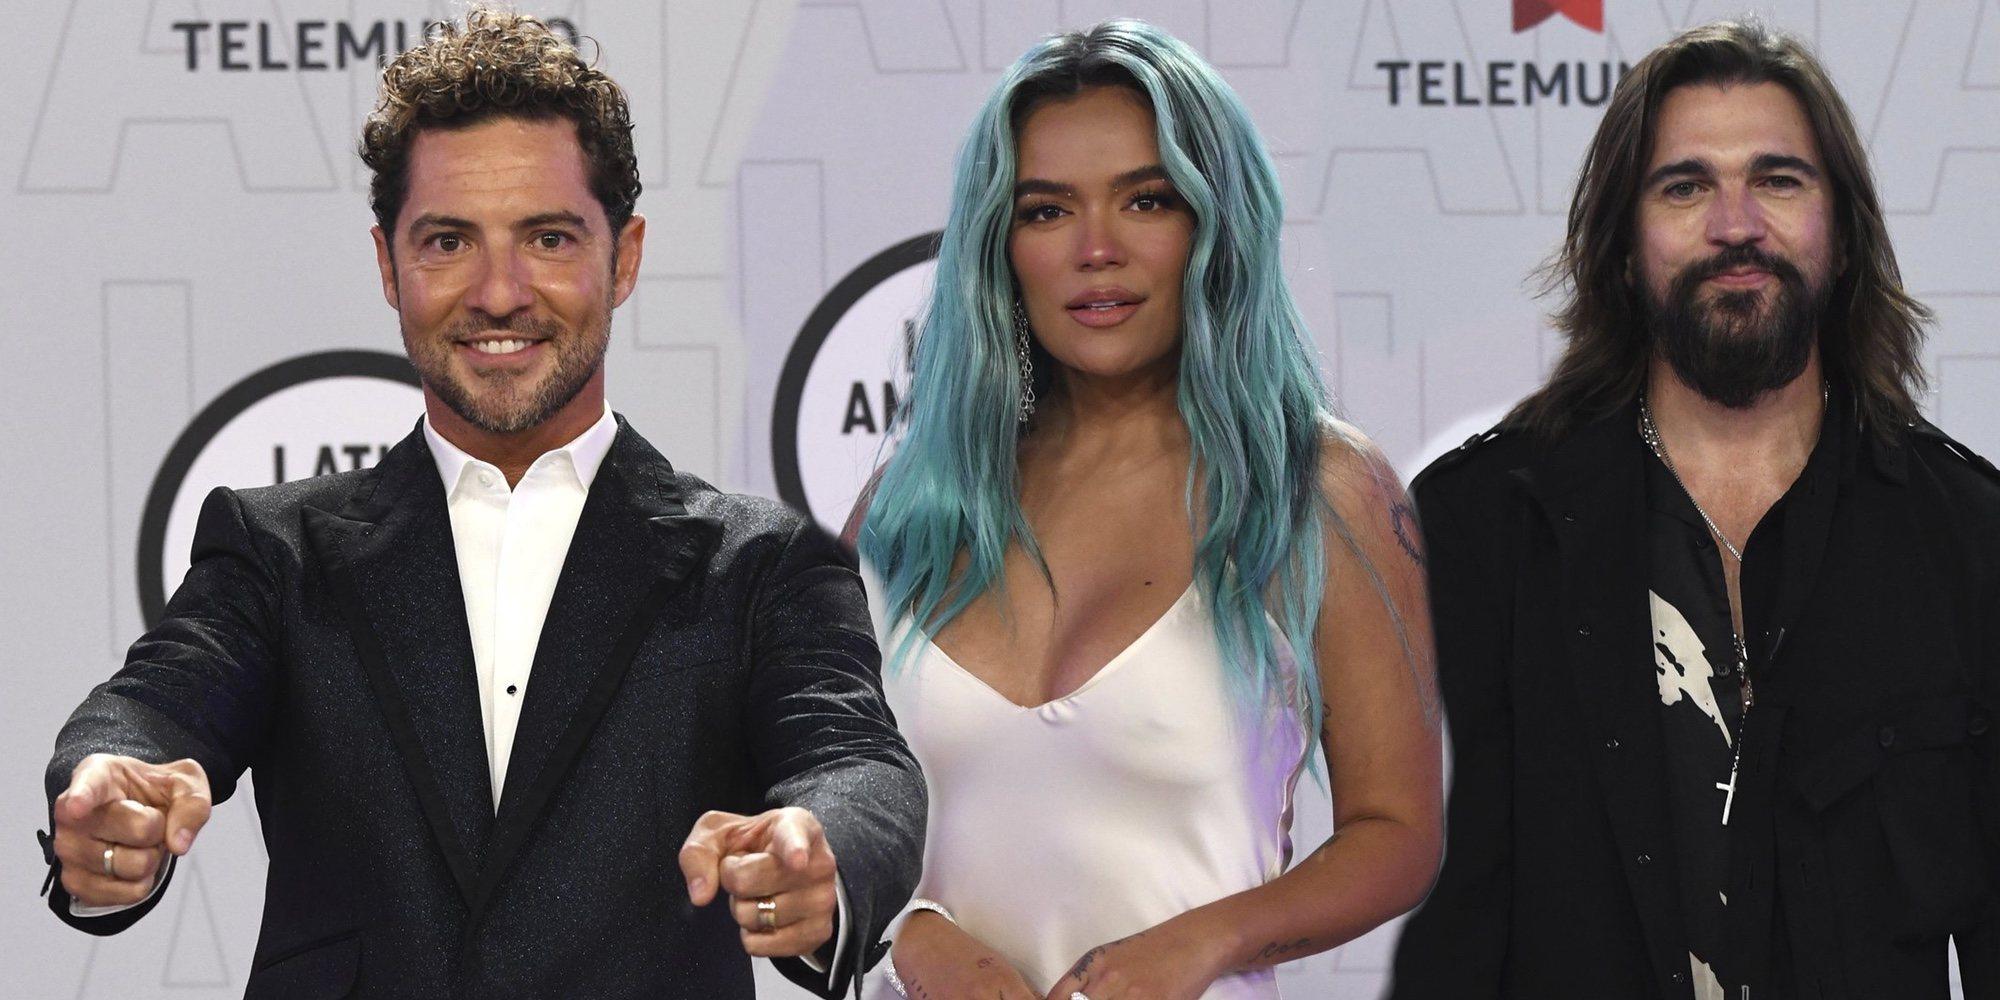 David Bisbal, Karol G, Juanes... Grandes artistas protagonizan la alfombra roja y la gala de los Latin AMAs 2021